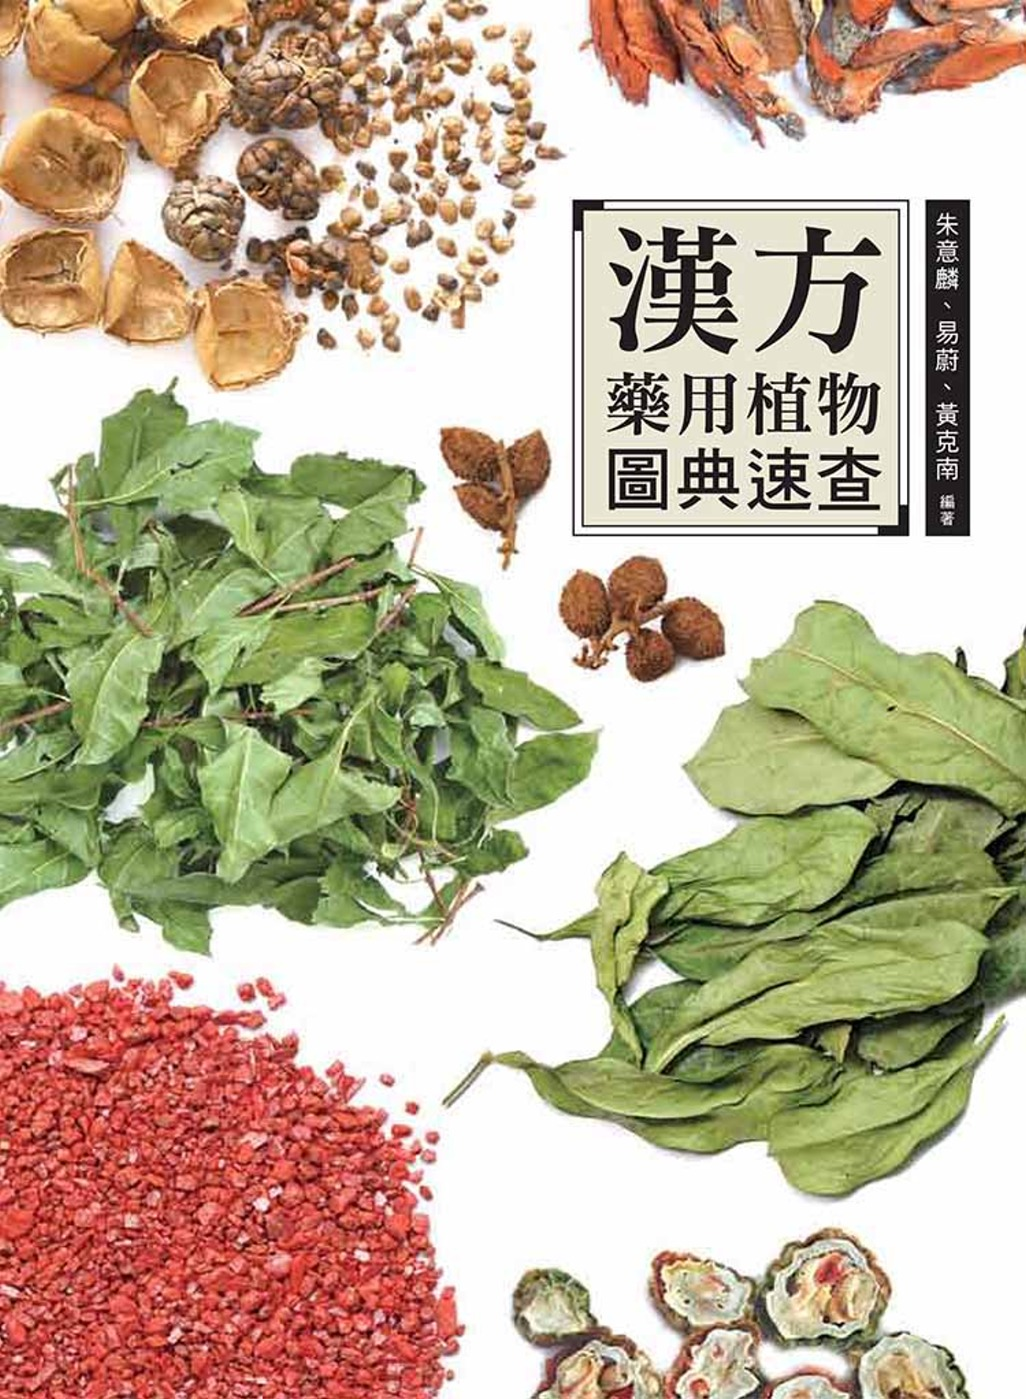 漢方藥用植物圖典速查